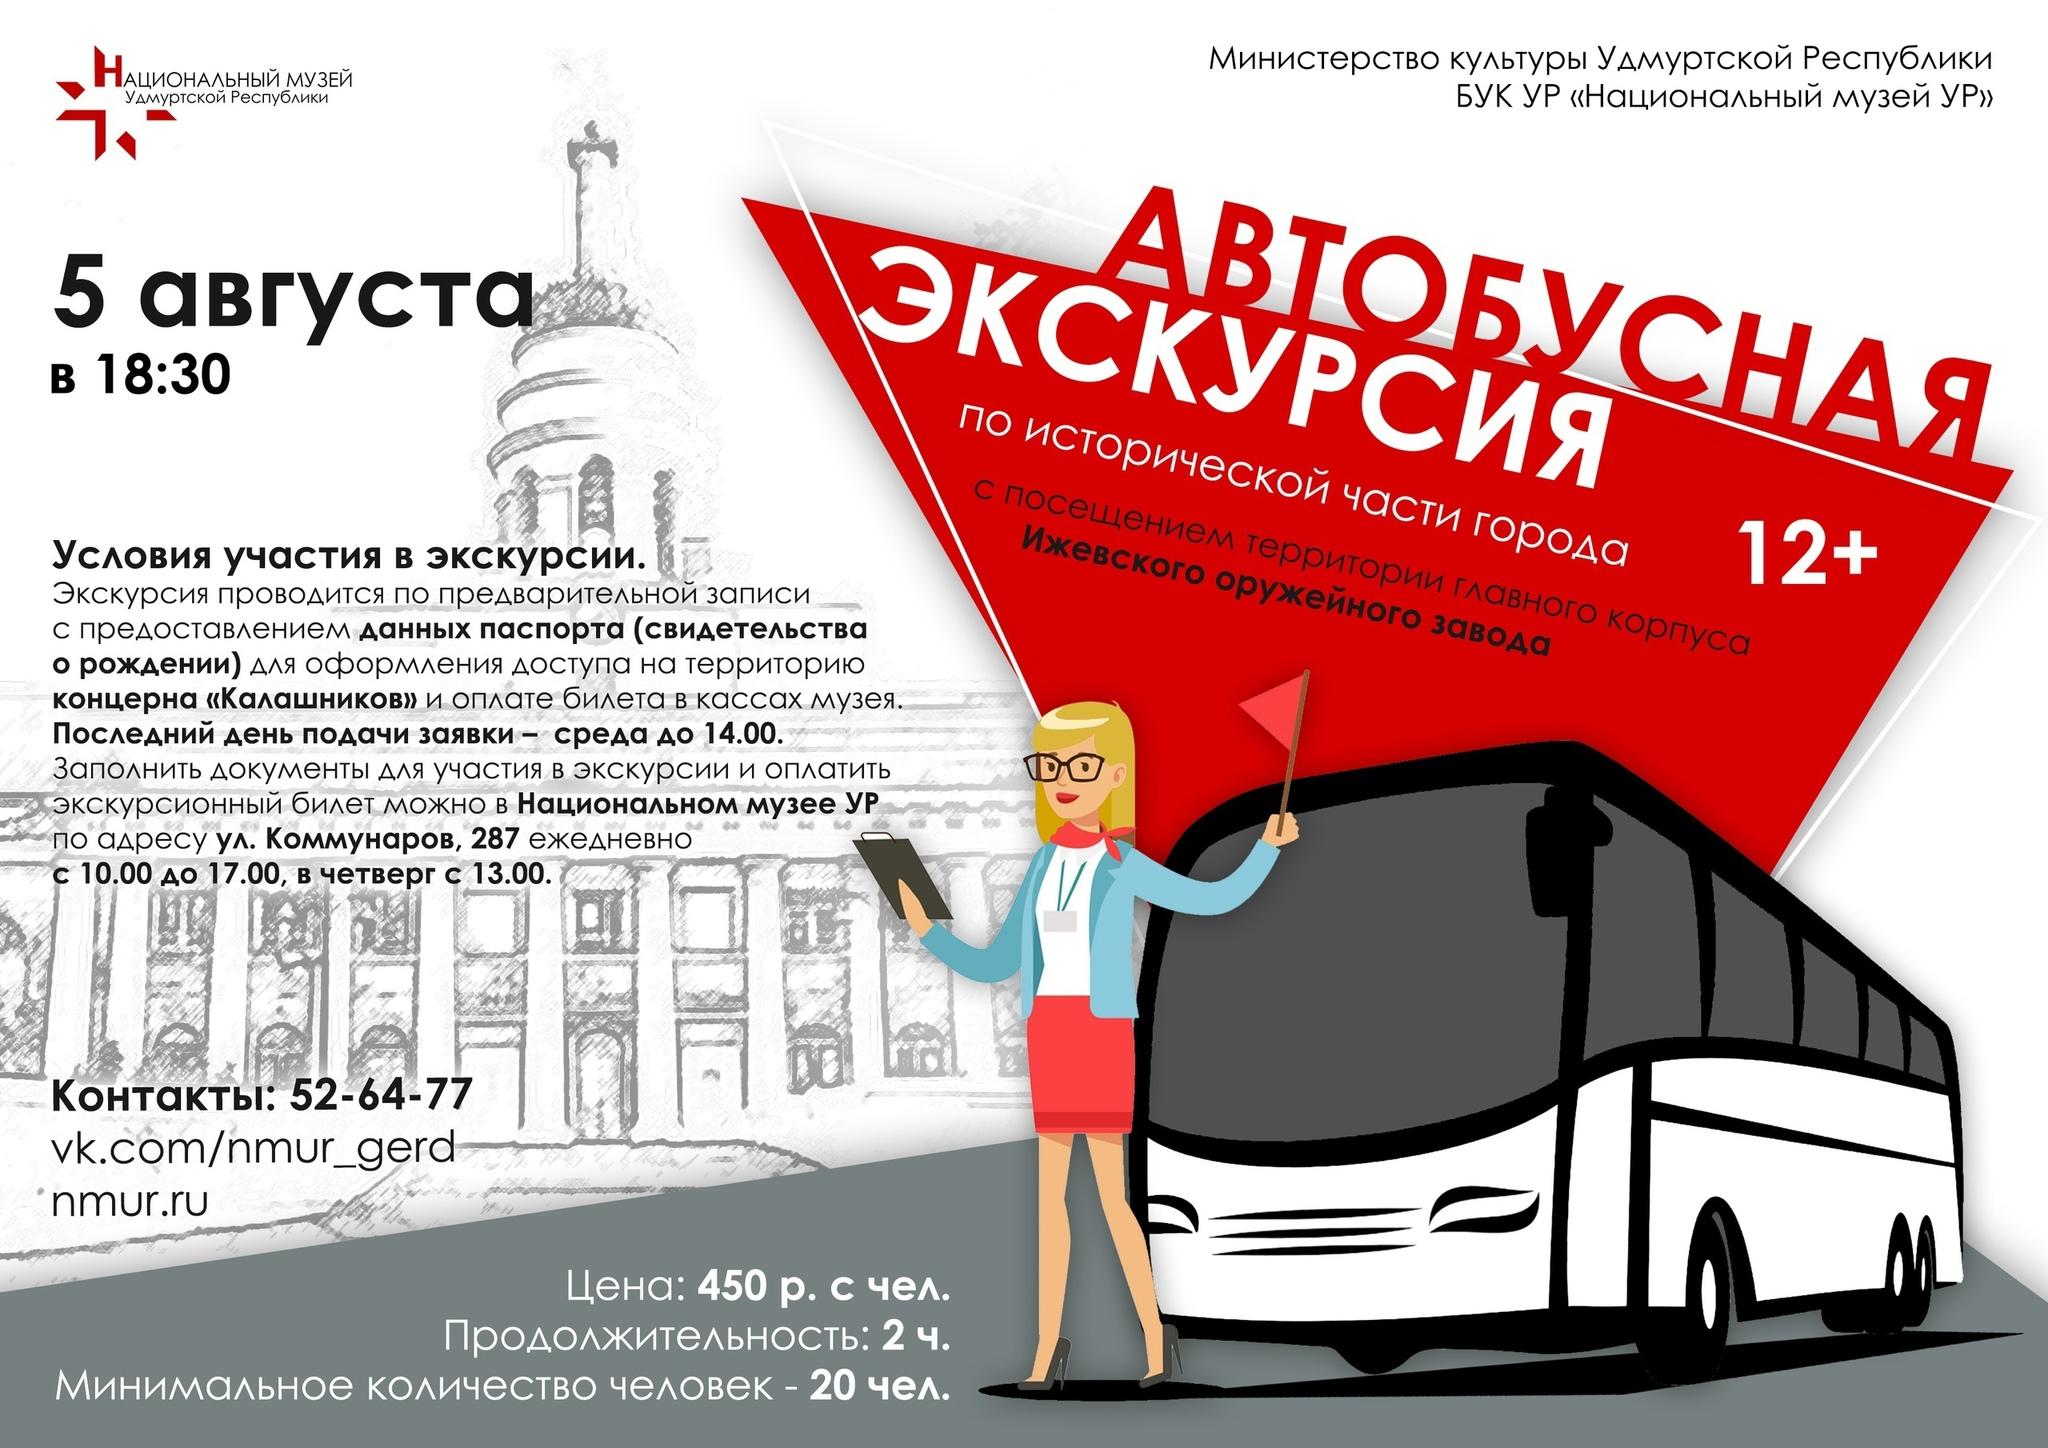 Автобусные экскурсии по исторической части города